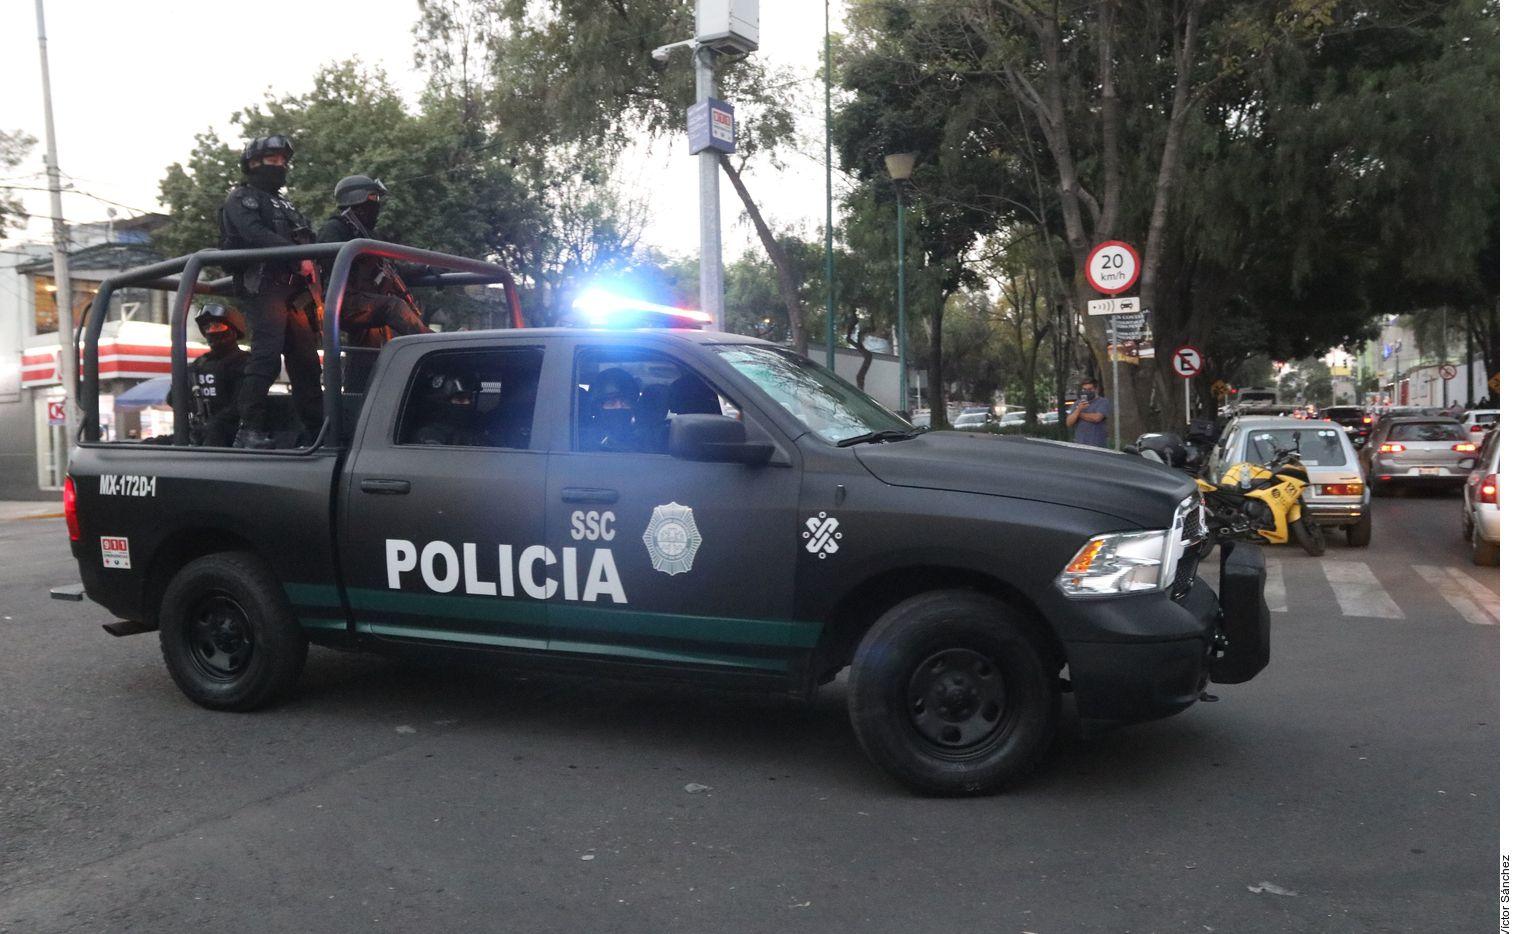 Un hombre acusado de asesinar a golpes a sus tres hijos en Hidalgo en venganza tras haber tenido una pelea con su esposa fue detenido por agentes judiciales en Hermosillo